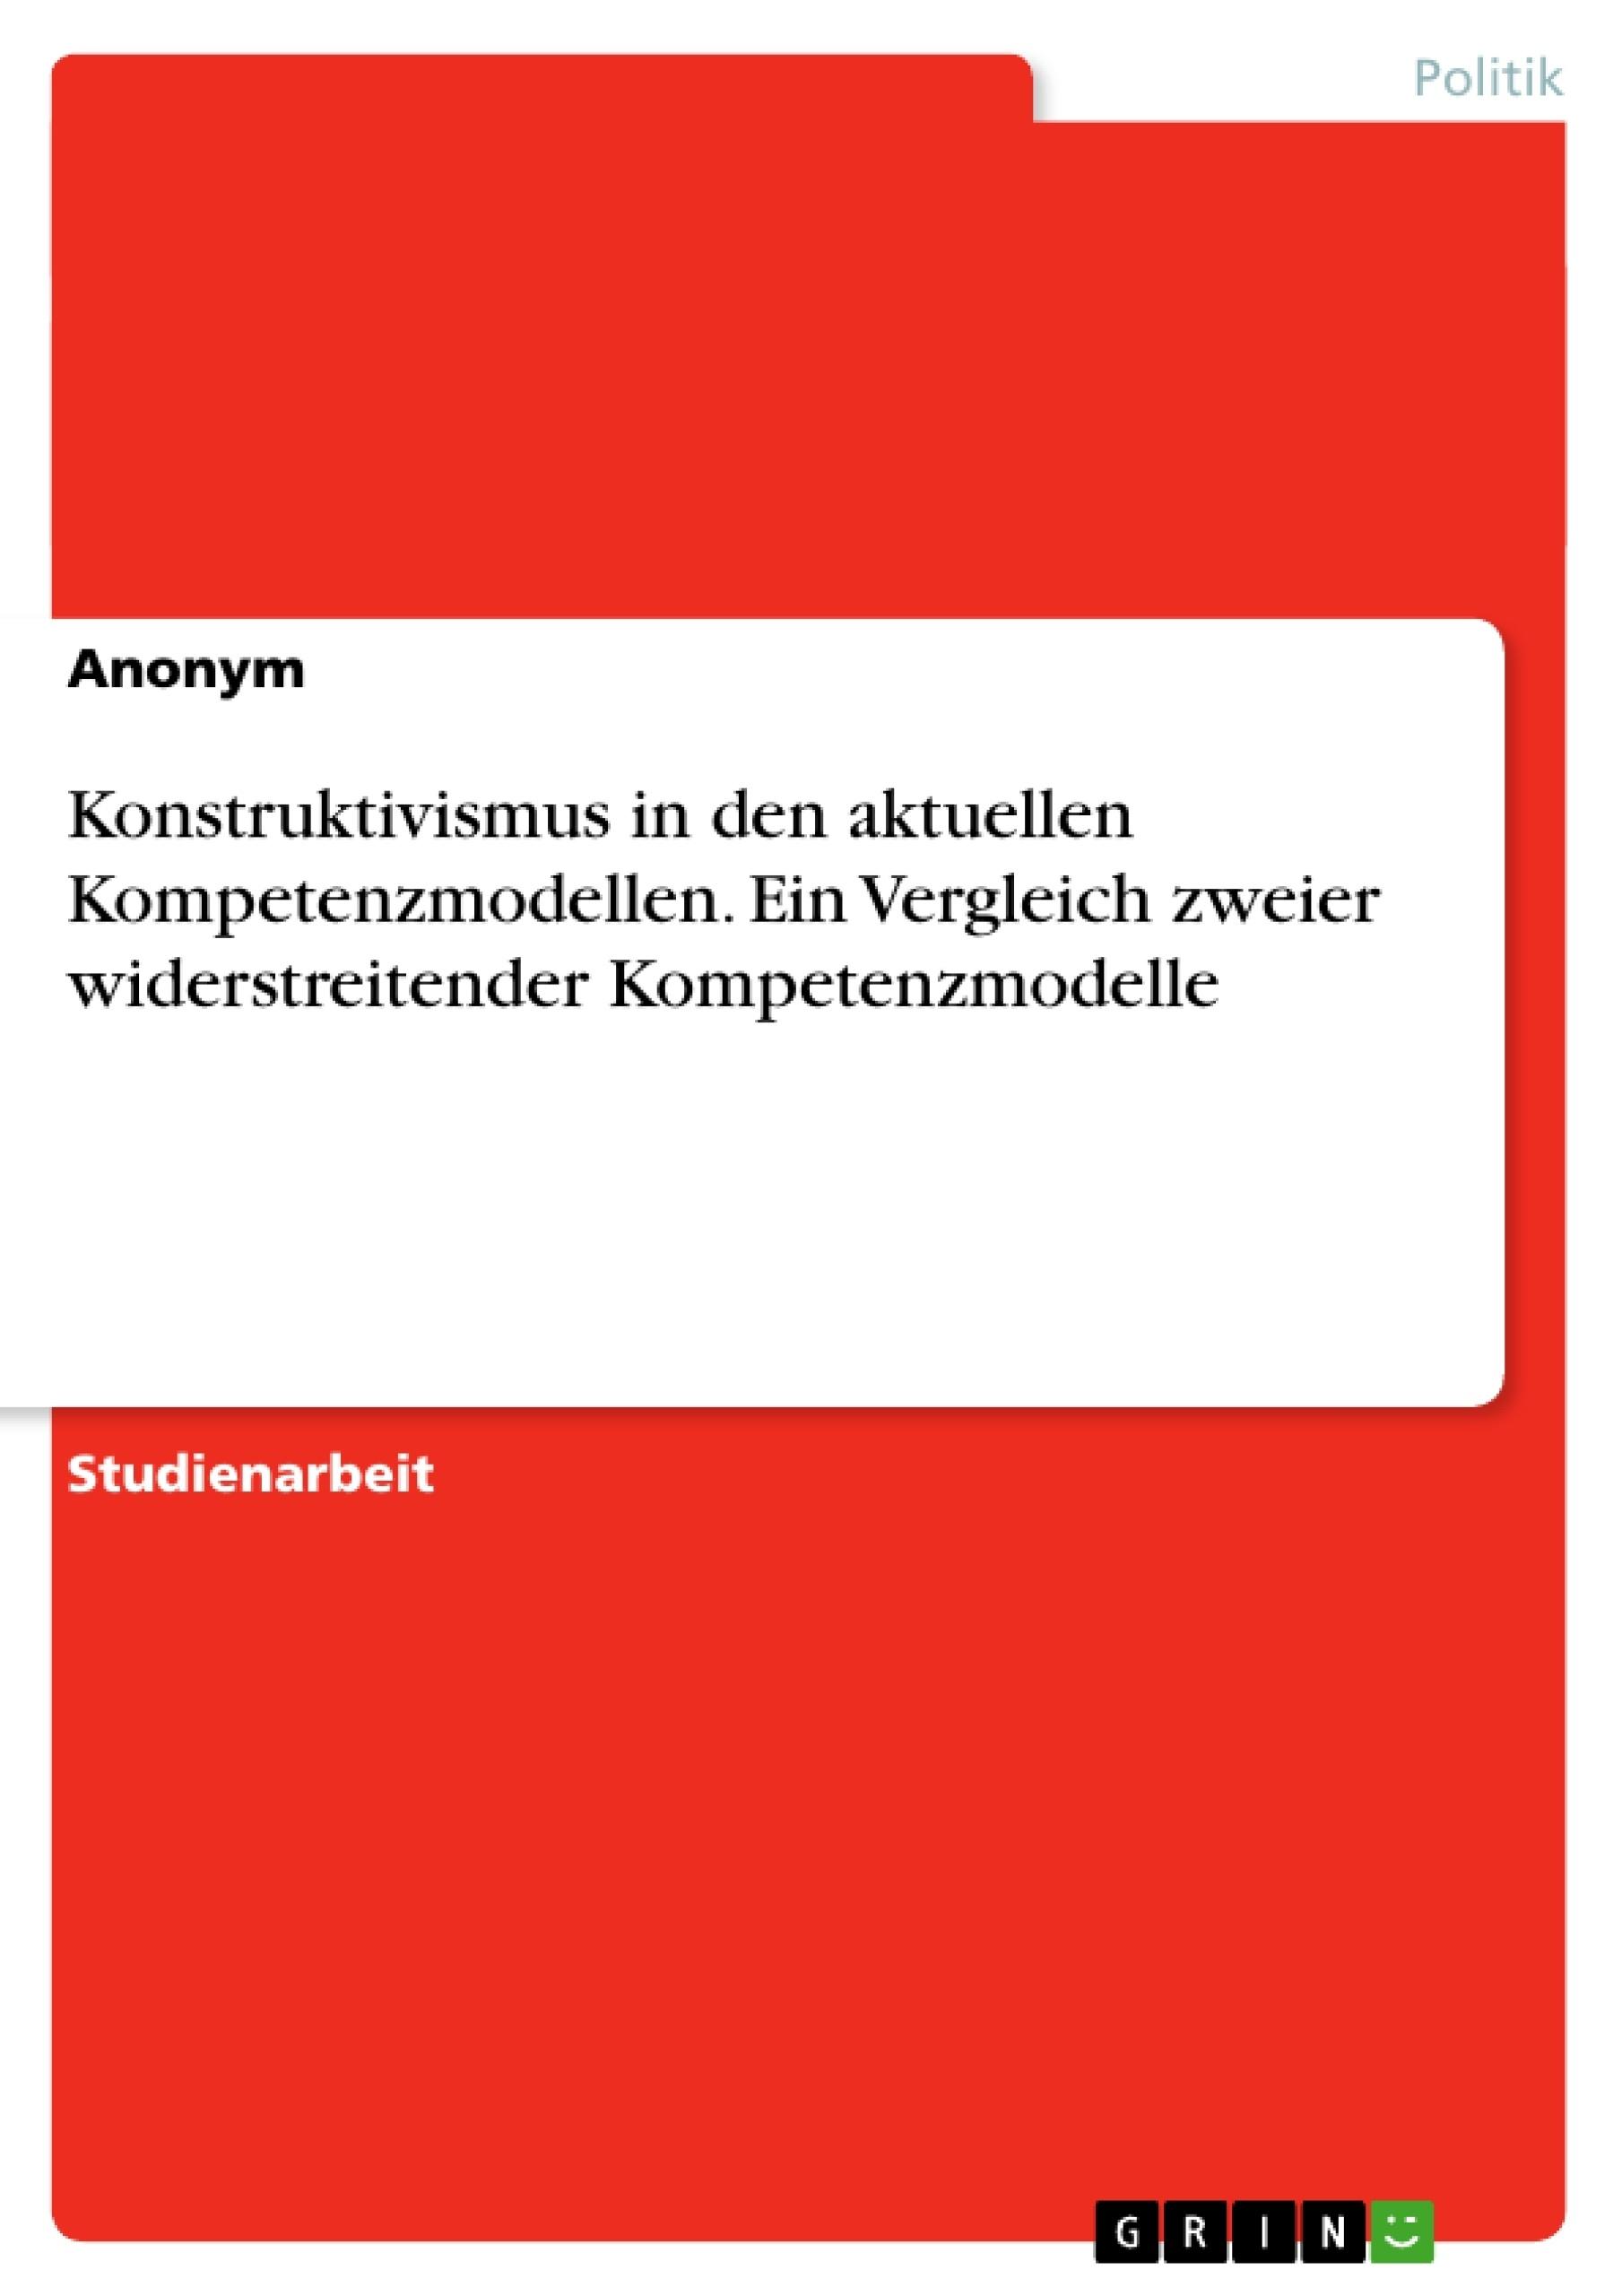 Titel: Konstruktivismus in den aktuellen Kompetenzmodellen. Ein Vergleich zweier widerstreitender Kompetenzmodelle